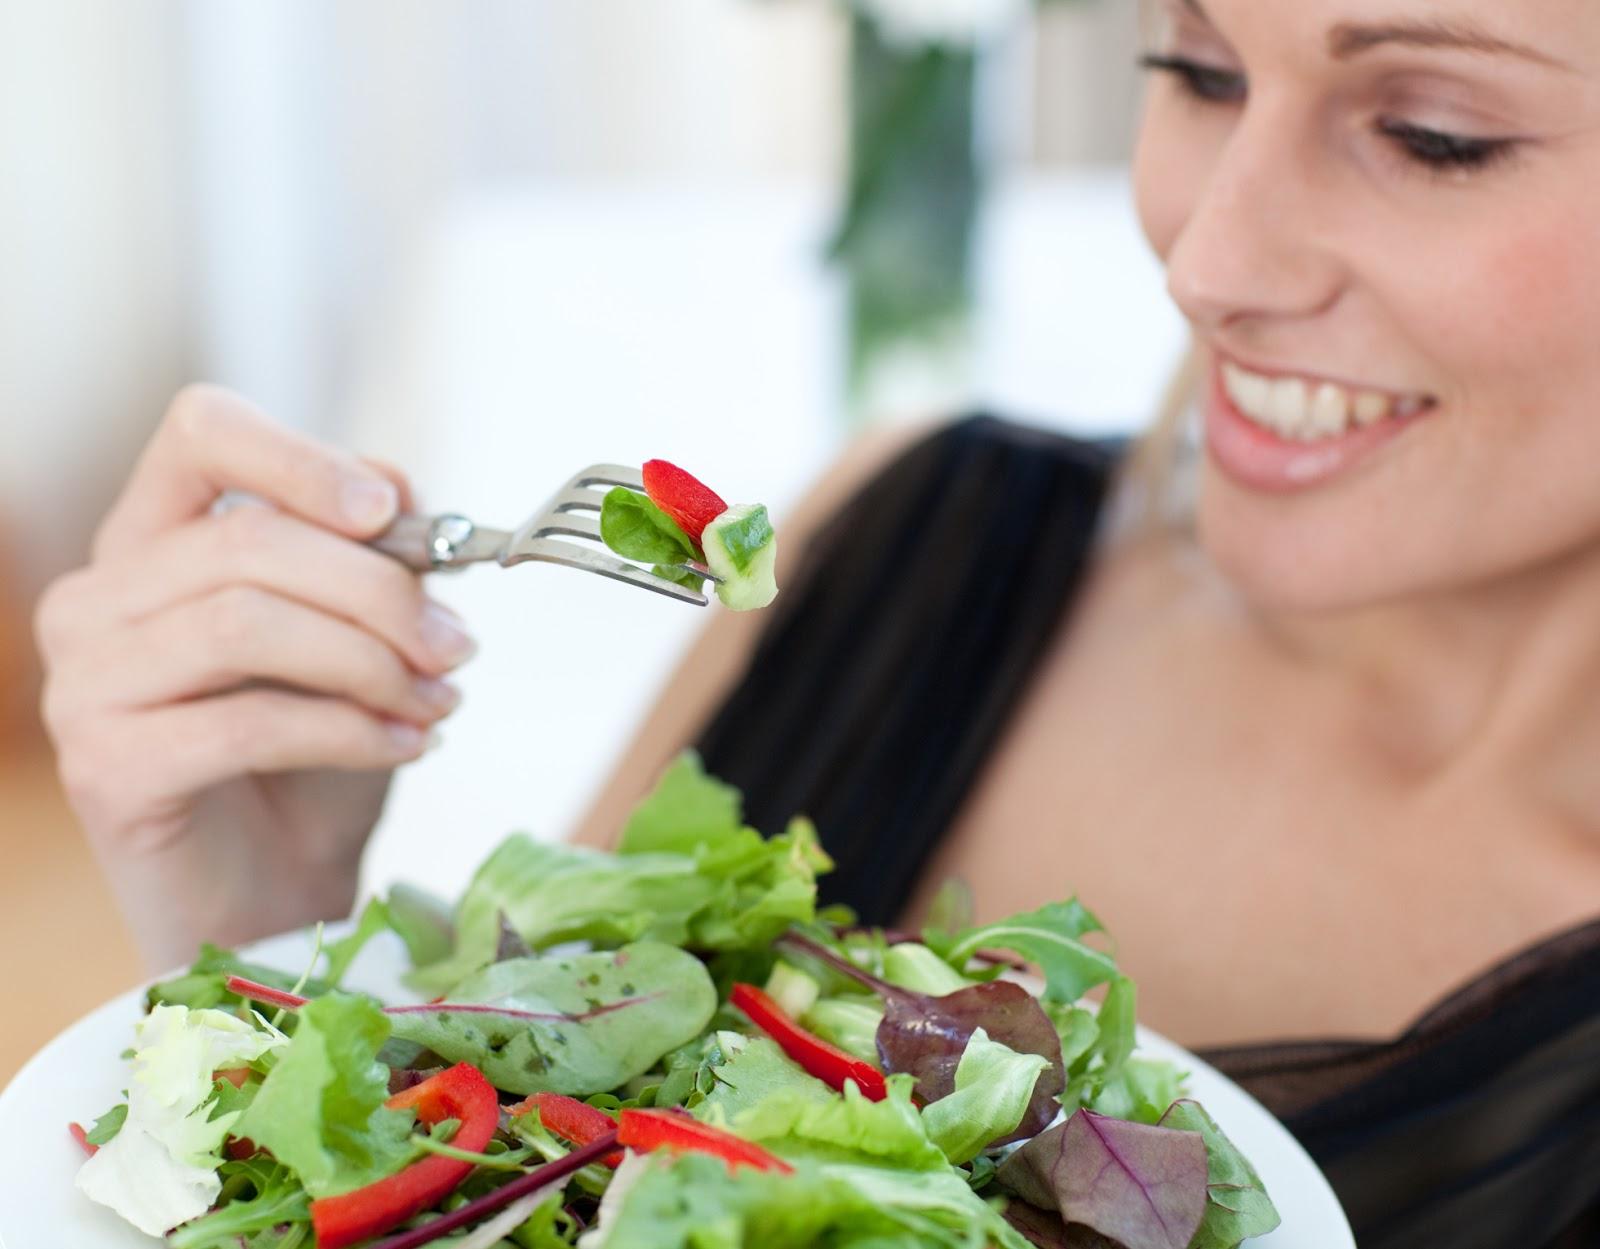 Tăng cường rau xanh, chất xơ là cách phòng và trị bệnh trĩ tại nhà